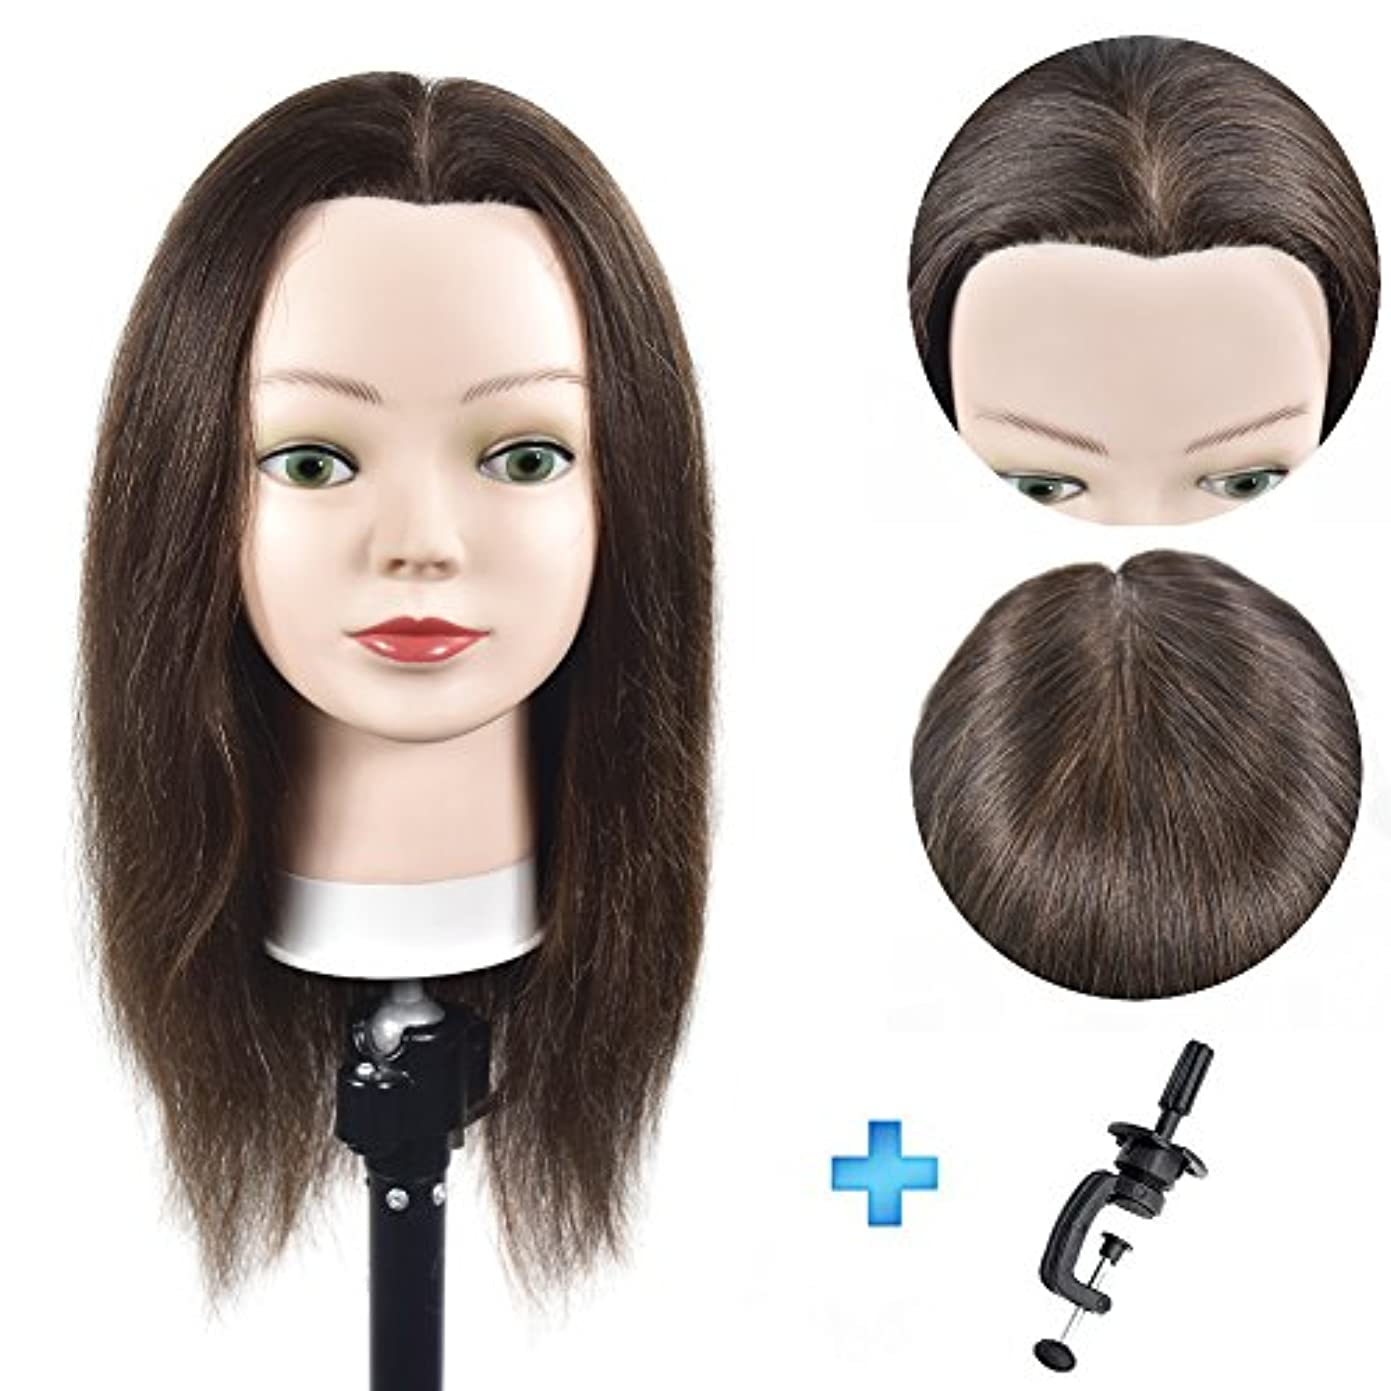 扱いやすい開拓者背景16インチマネキンヘッド100%人間の髪の美容師のトレーニングヘッドマネキン美容師の人形ヘッド(テーブルクランプスタンドが含まれています)